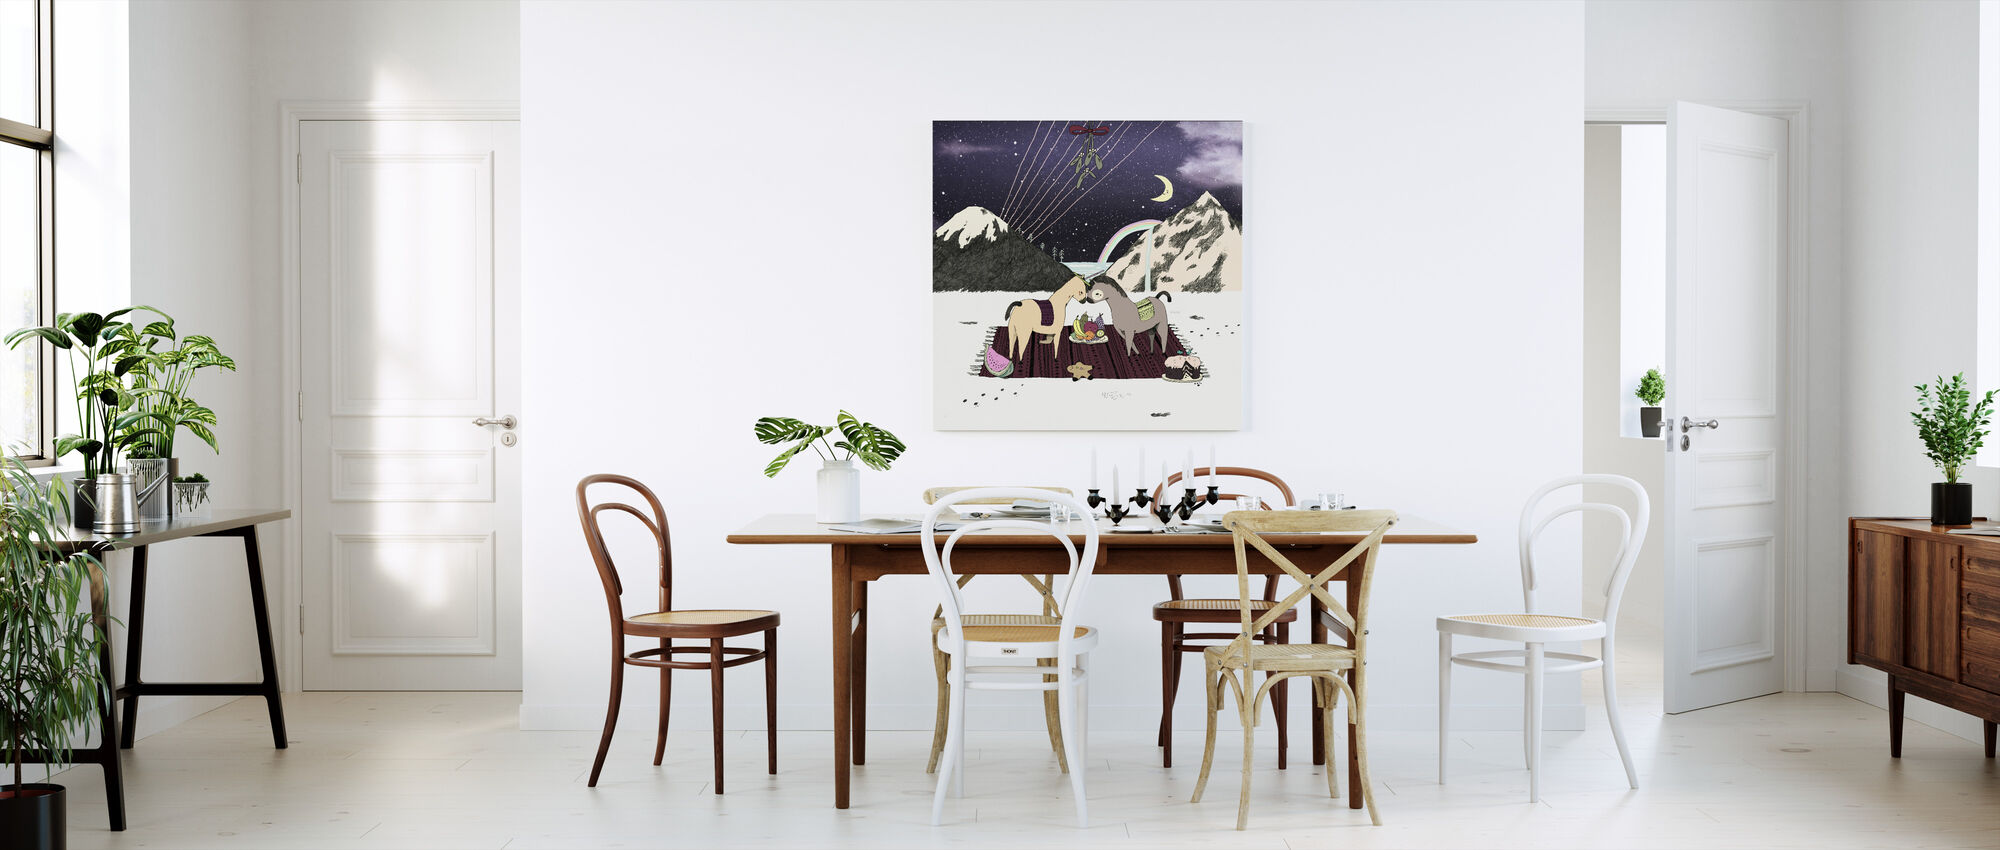 Unicorn Picnic - Canvas print - Kitchen